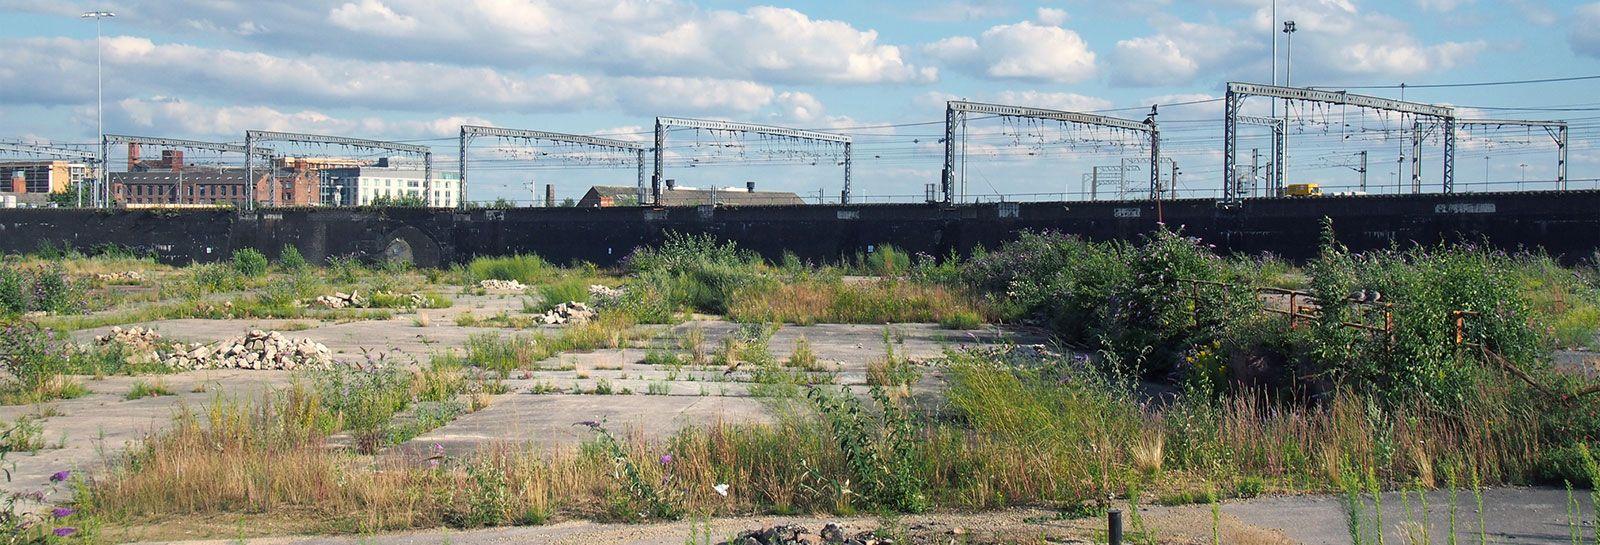 derelict land banner image